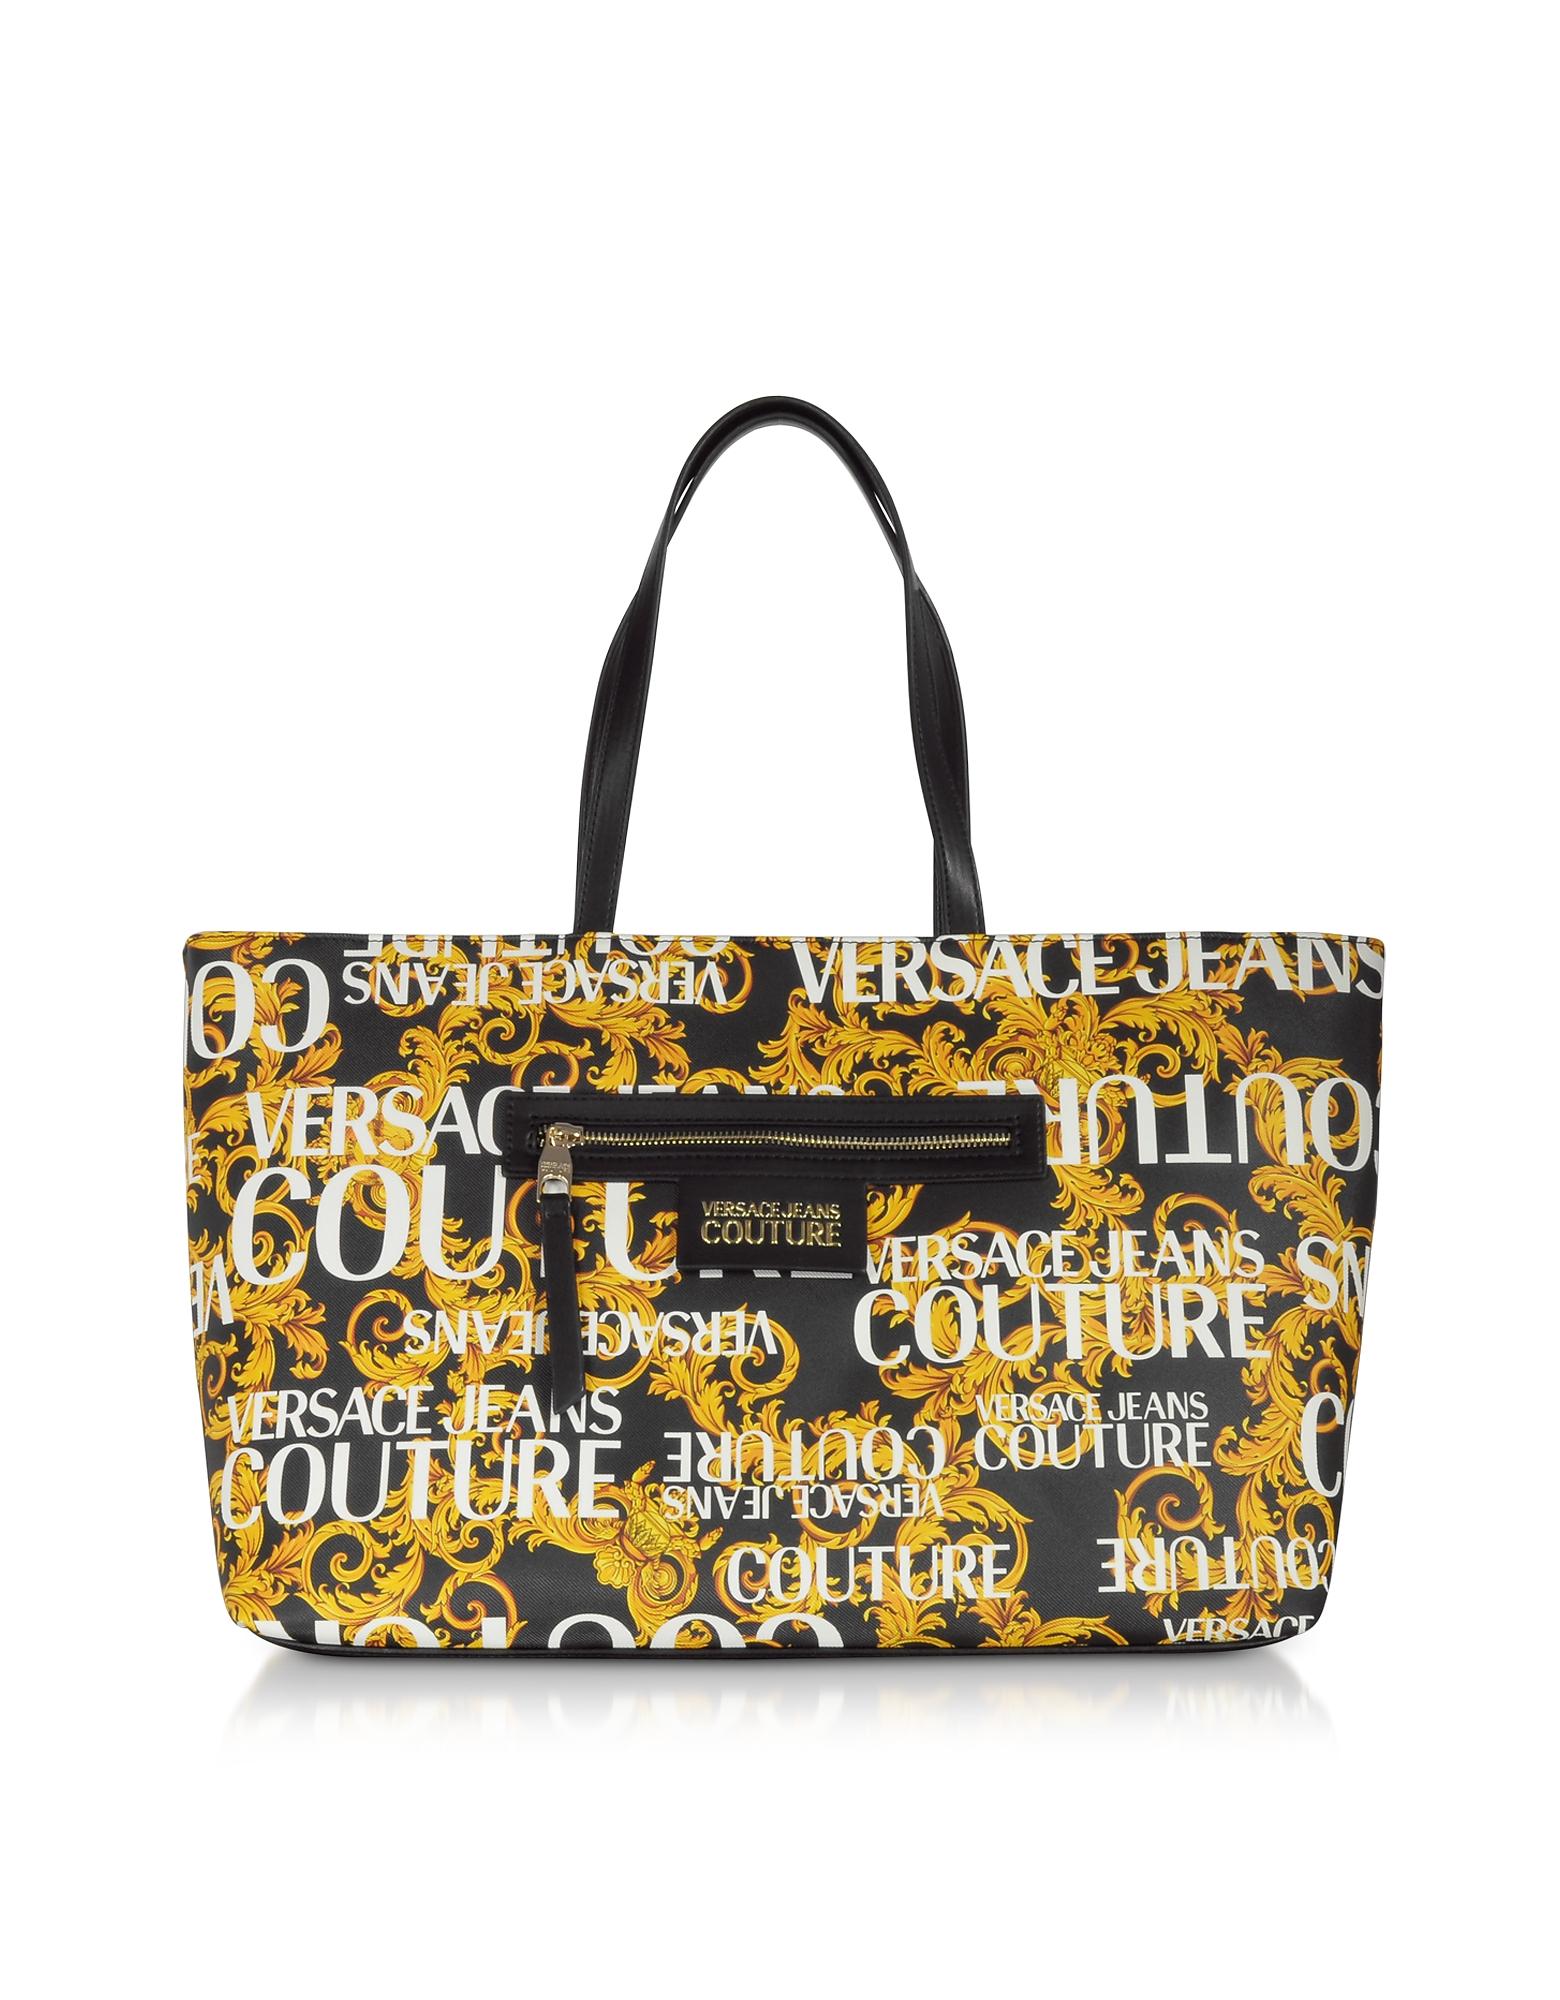 Gold Signature Print Large Tote Bag